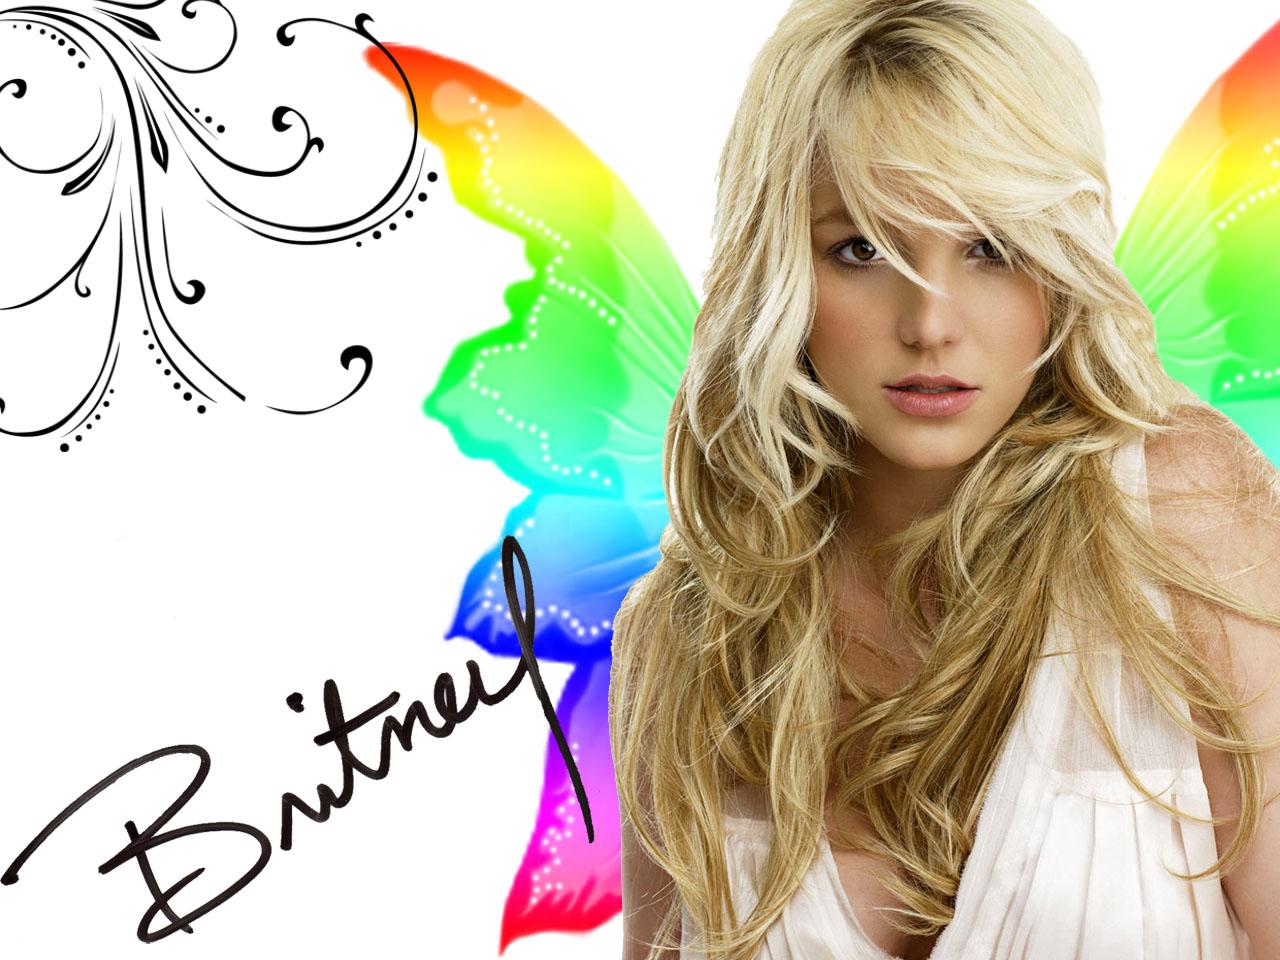 Free Download Wallpapper Hd Britney Spears Hd Wallpapers-3963